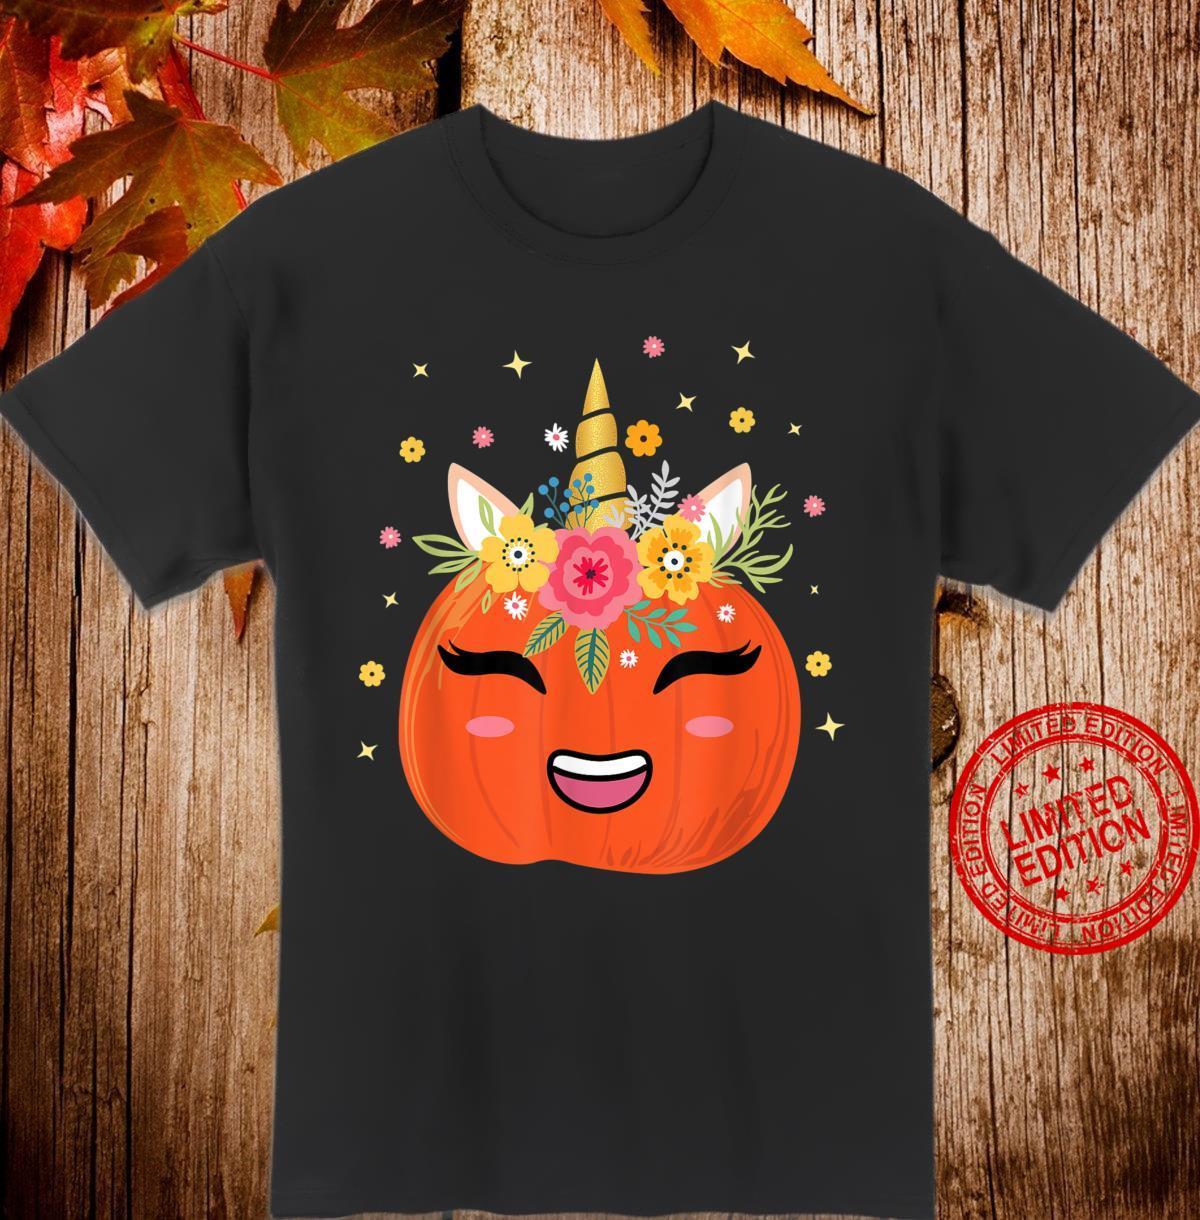 Halloween 2020 Magic Unicorn Pumpkin Face Jack O Lantern Shirt